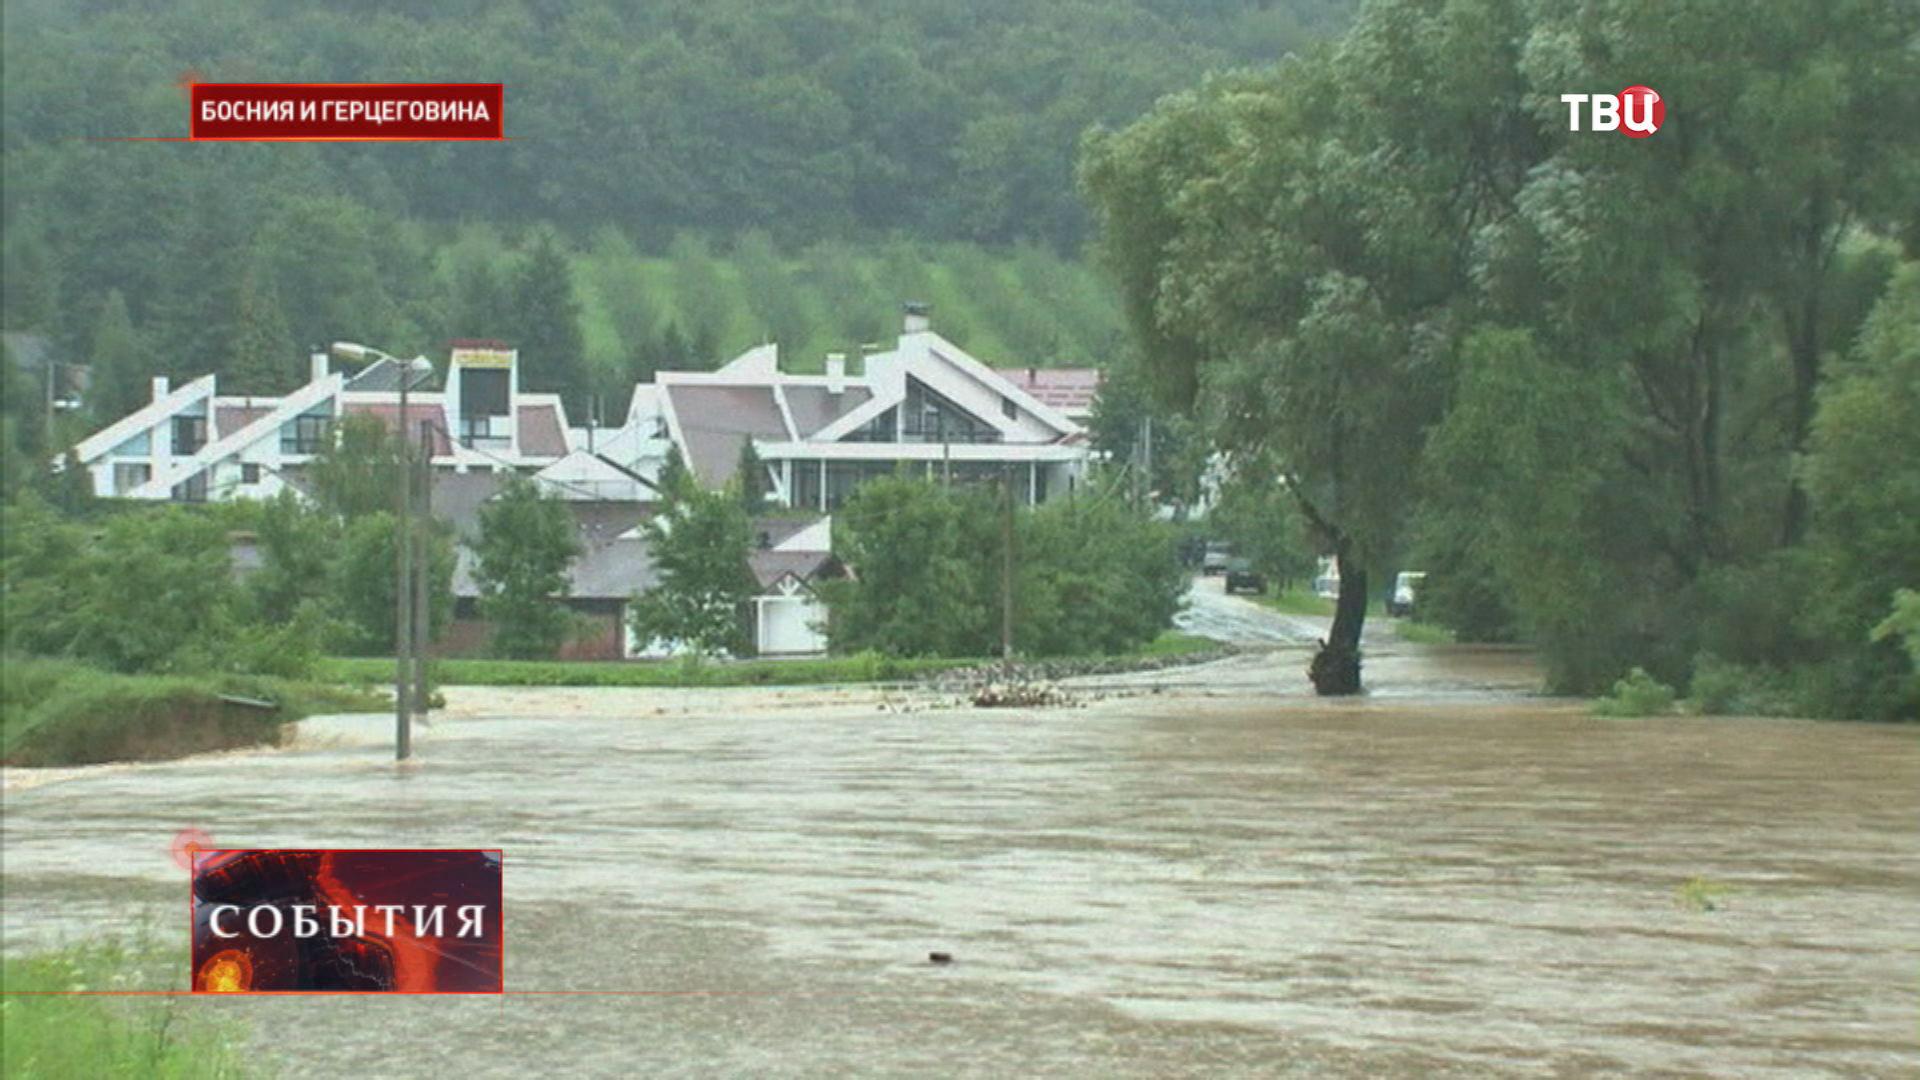 Наводнение в Боснии и Герцеговины